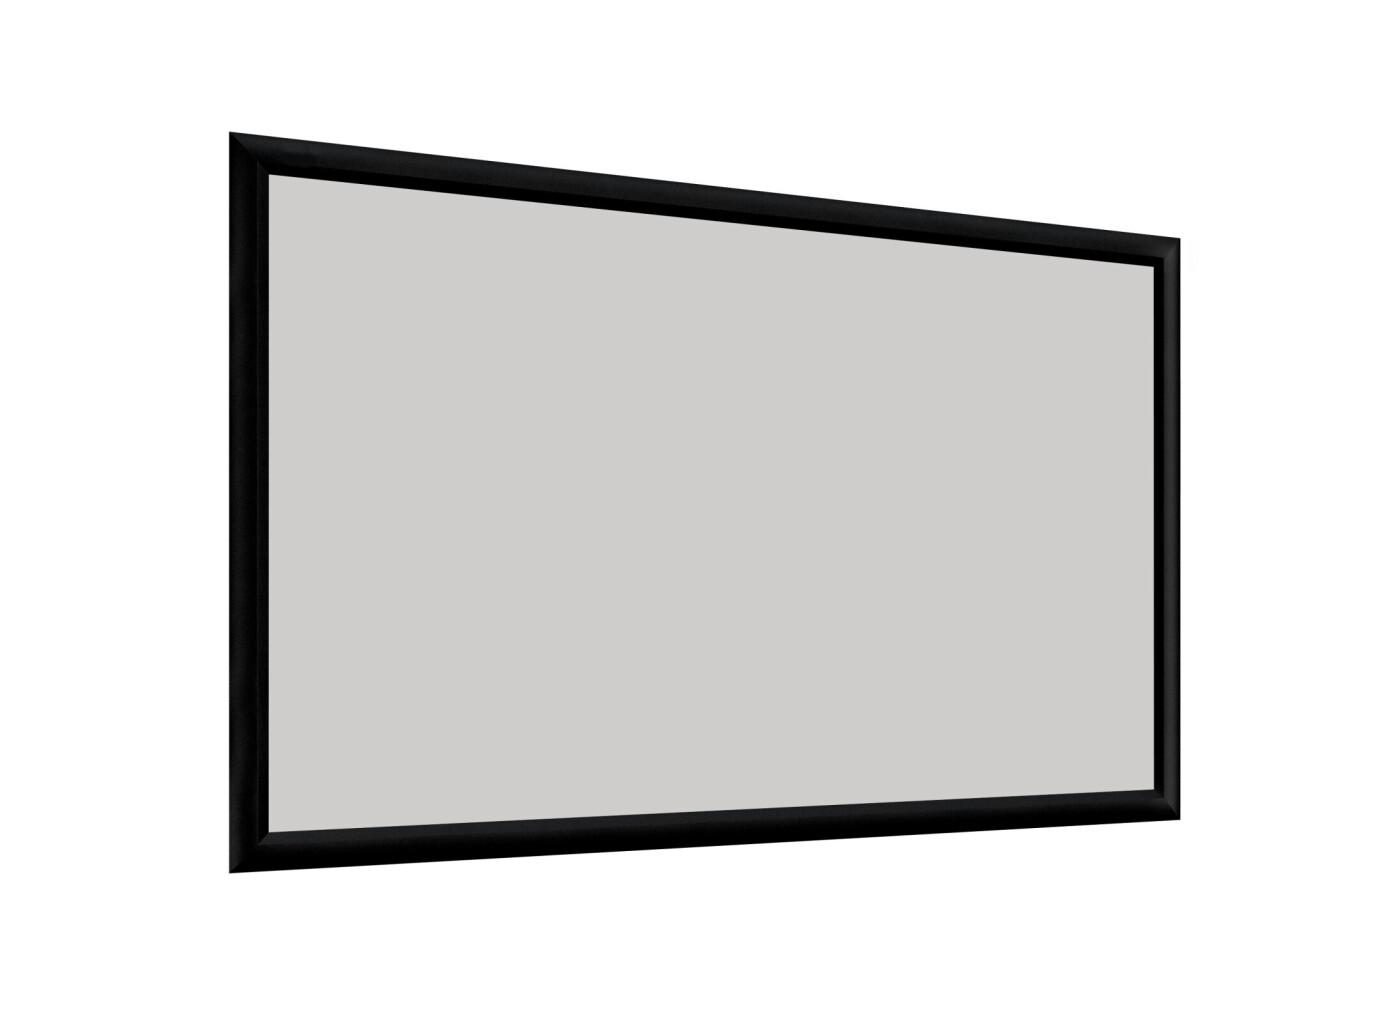 DELUXX Cinema Hochkontrast-Rahmenleinwand 300 x 169 cm, 135